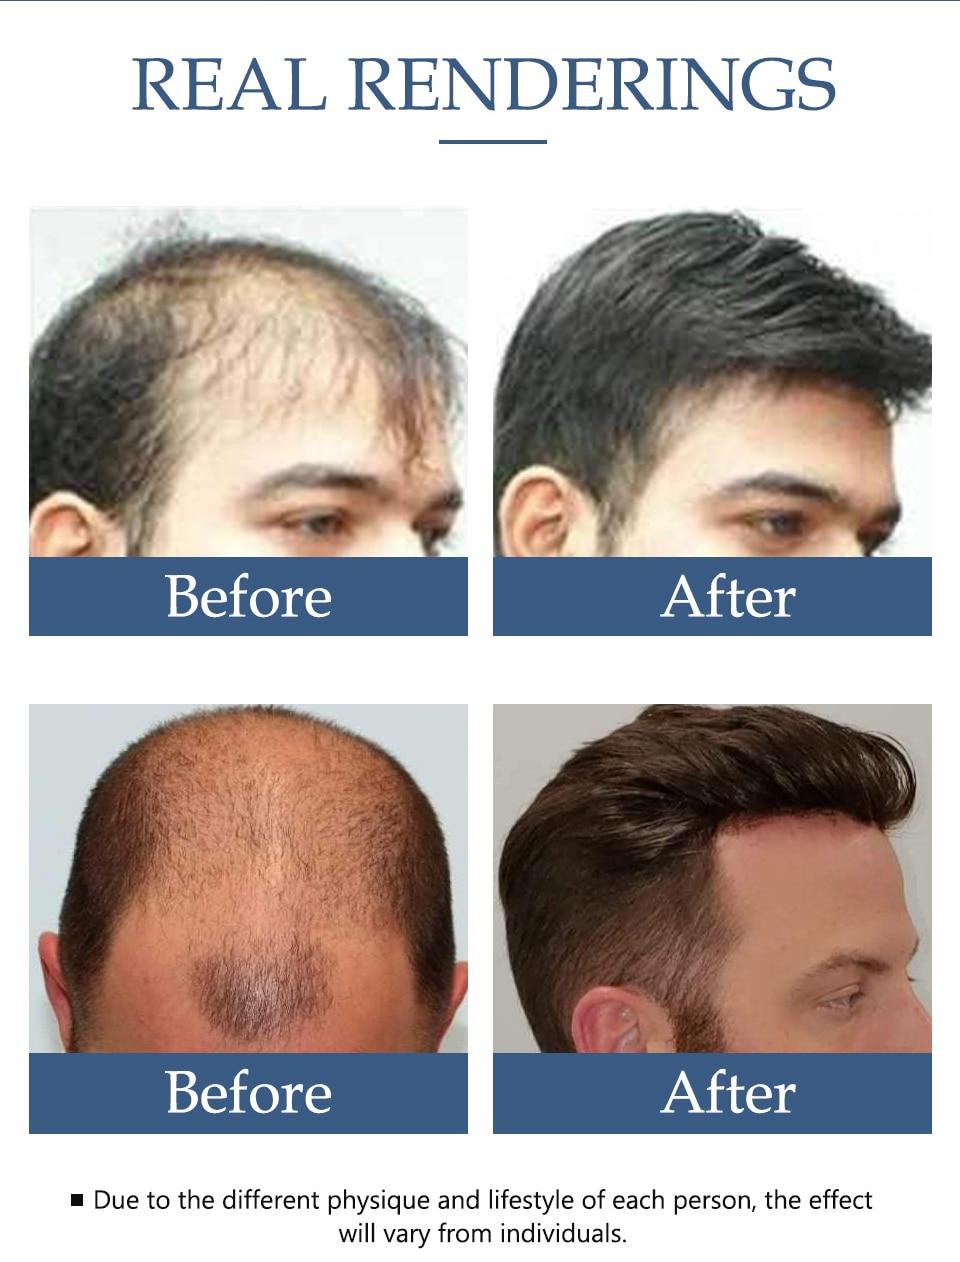 Hair Care Hair Growth Essential Oil Essence Hair Loss Liquid Treatment Health Care Beauty Dense Hair Growth Serum for Men Women 3